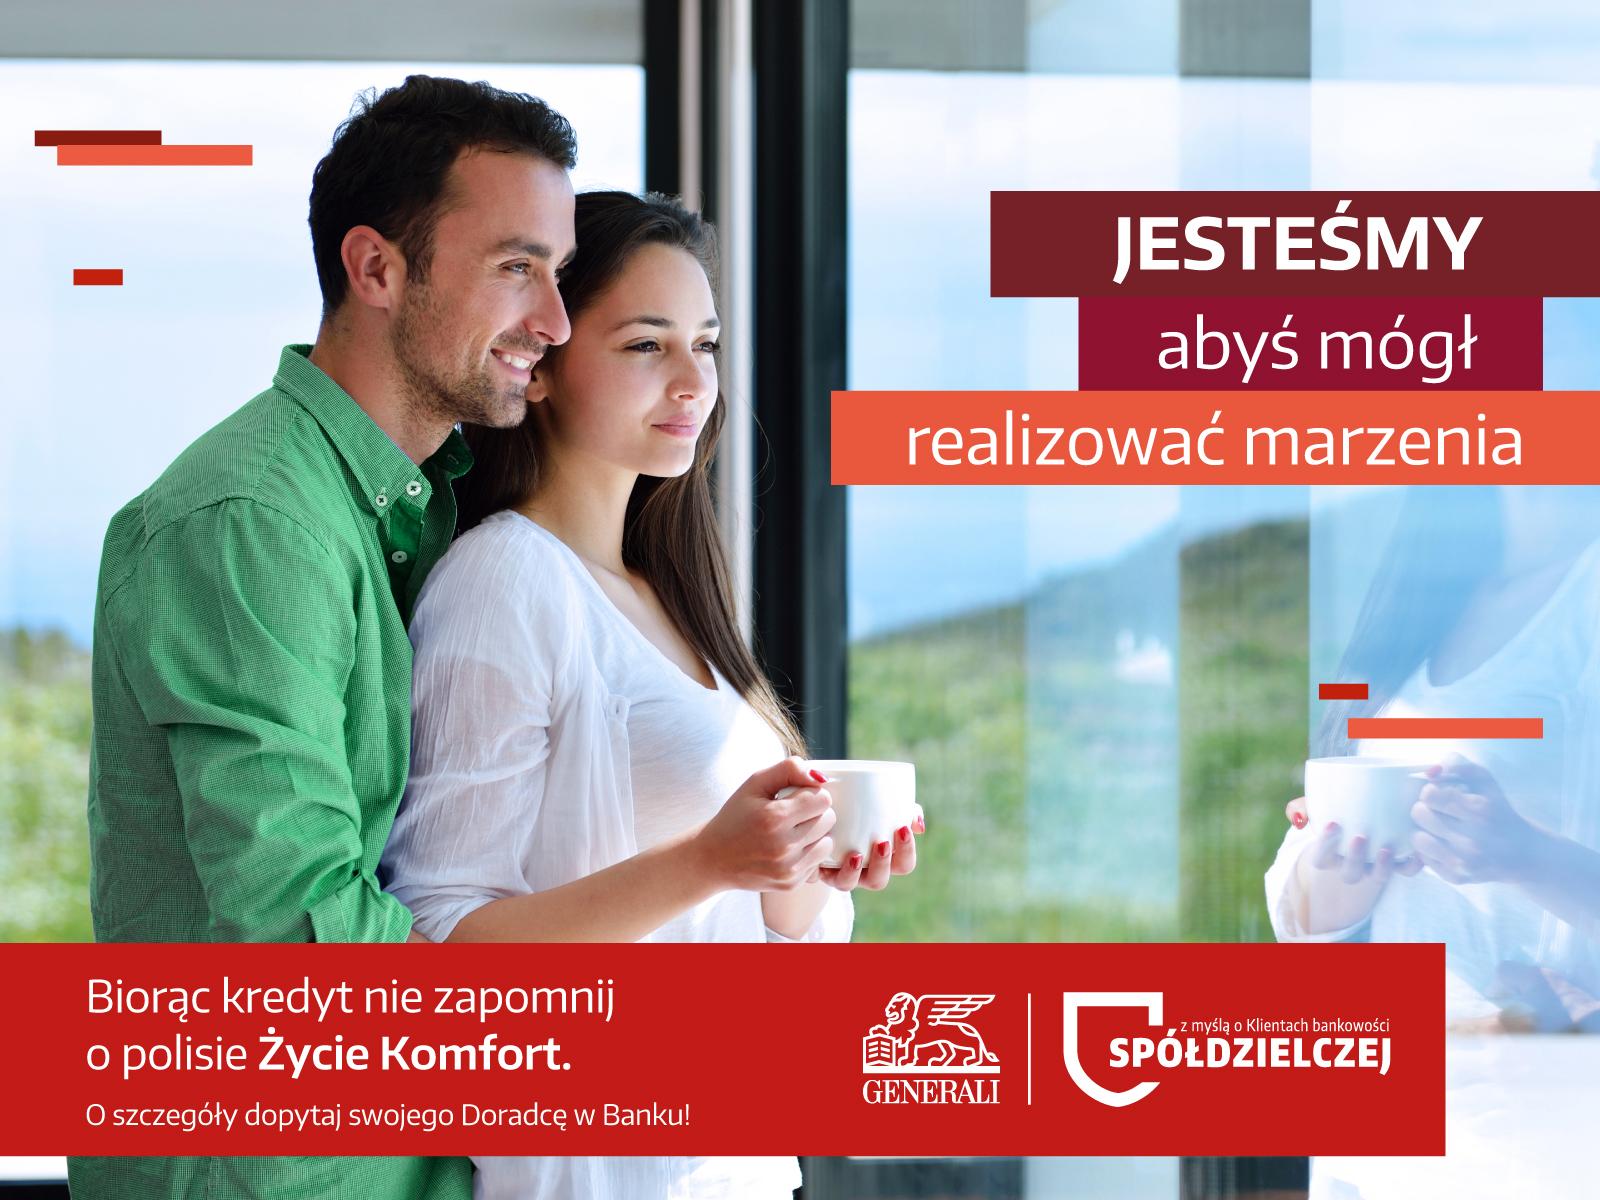 Życie Komfort - ubezpieczenie kredytobiorców